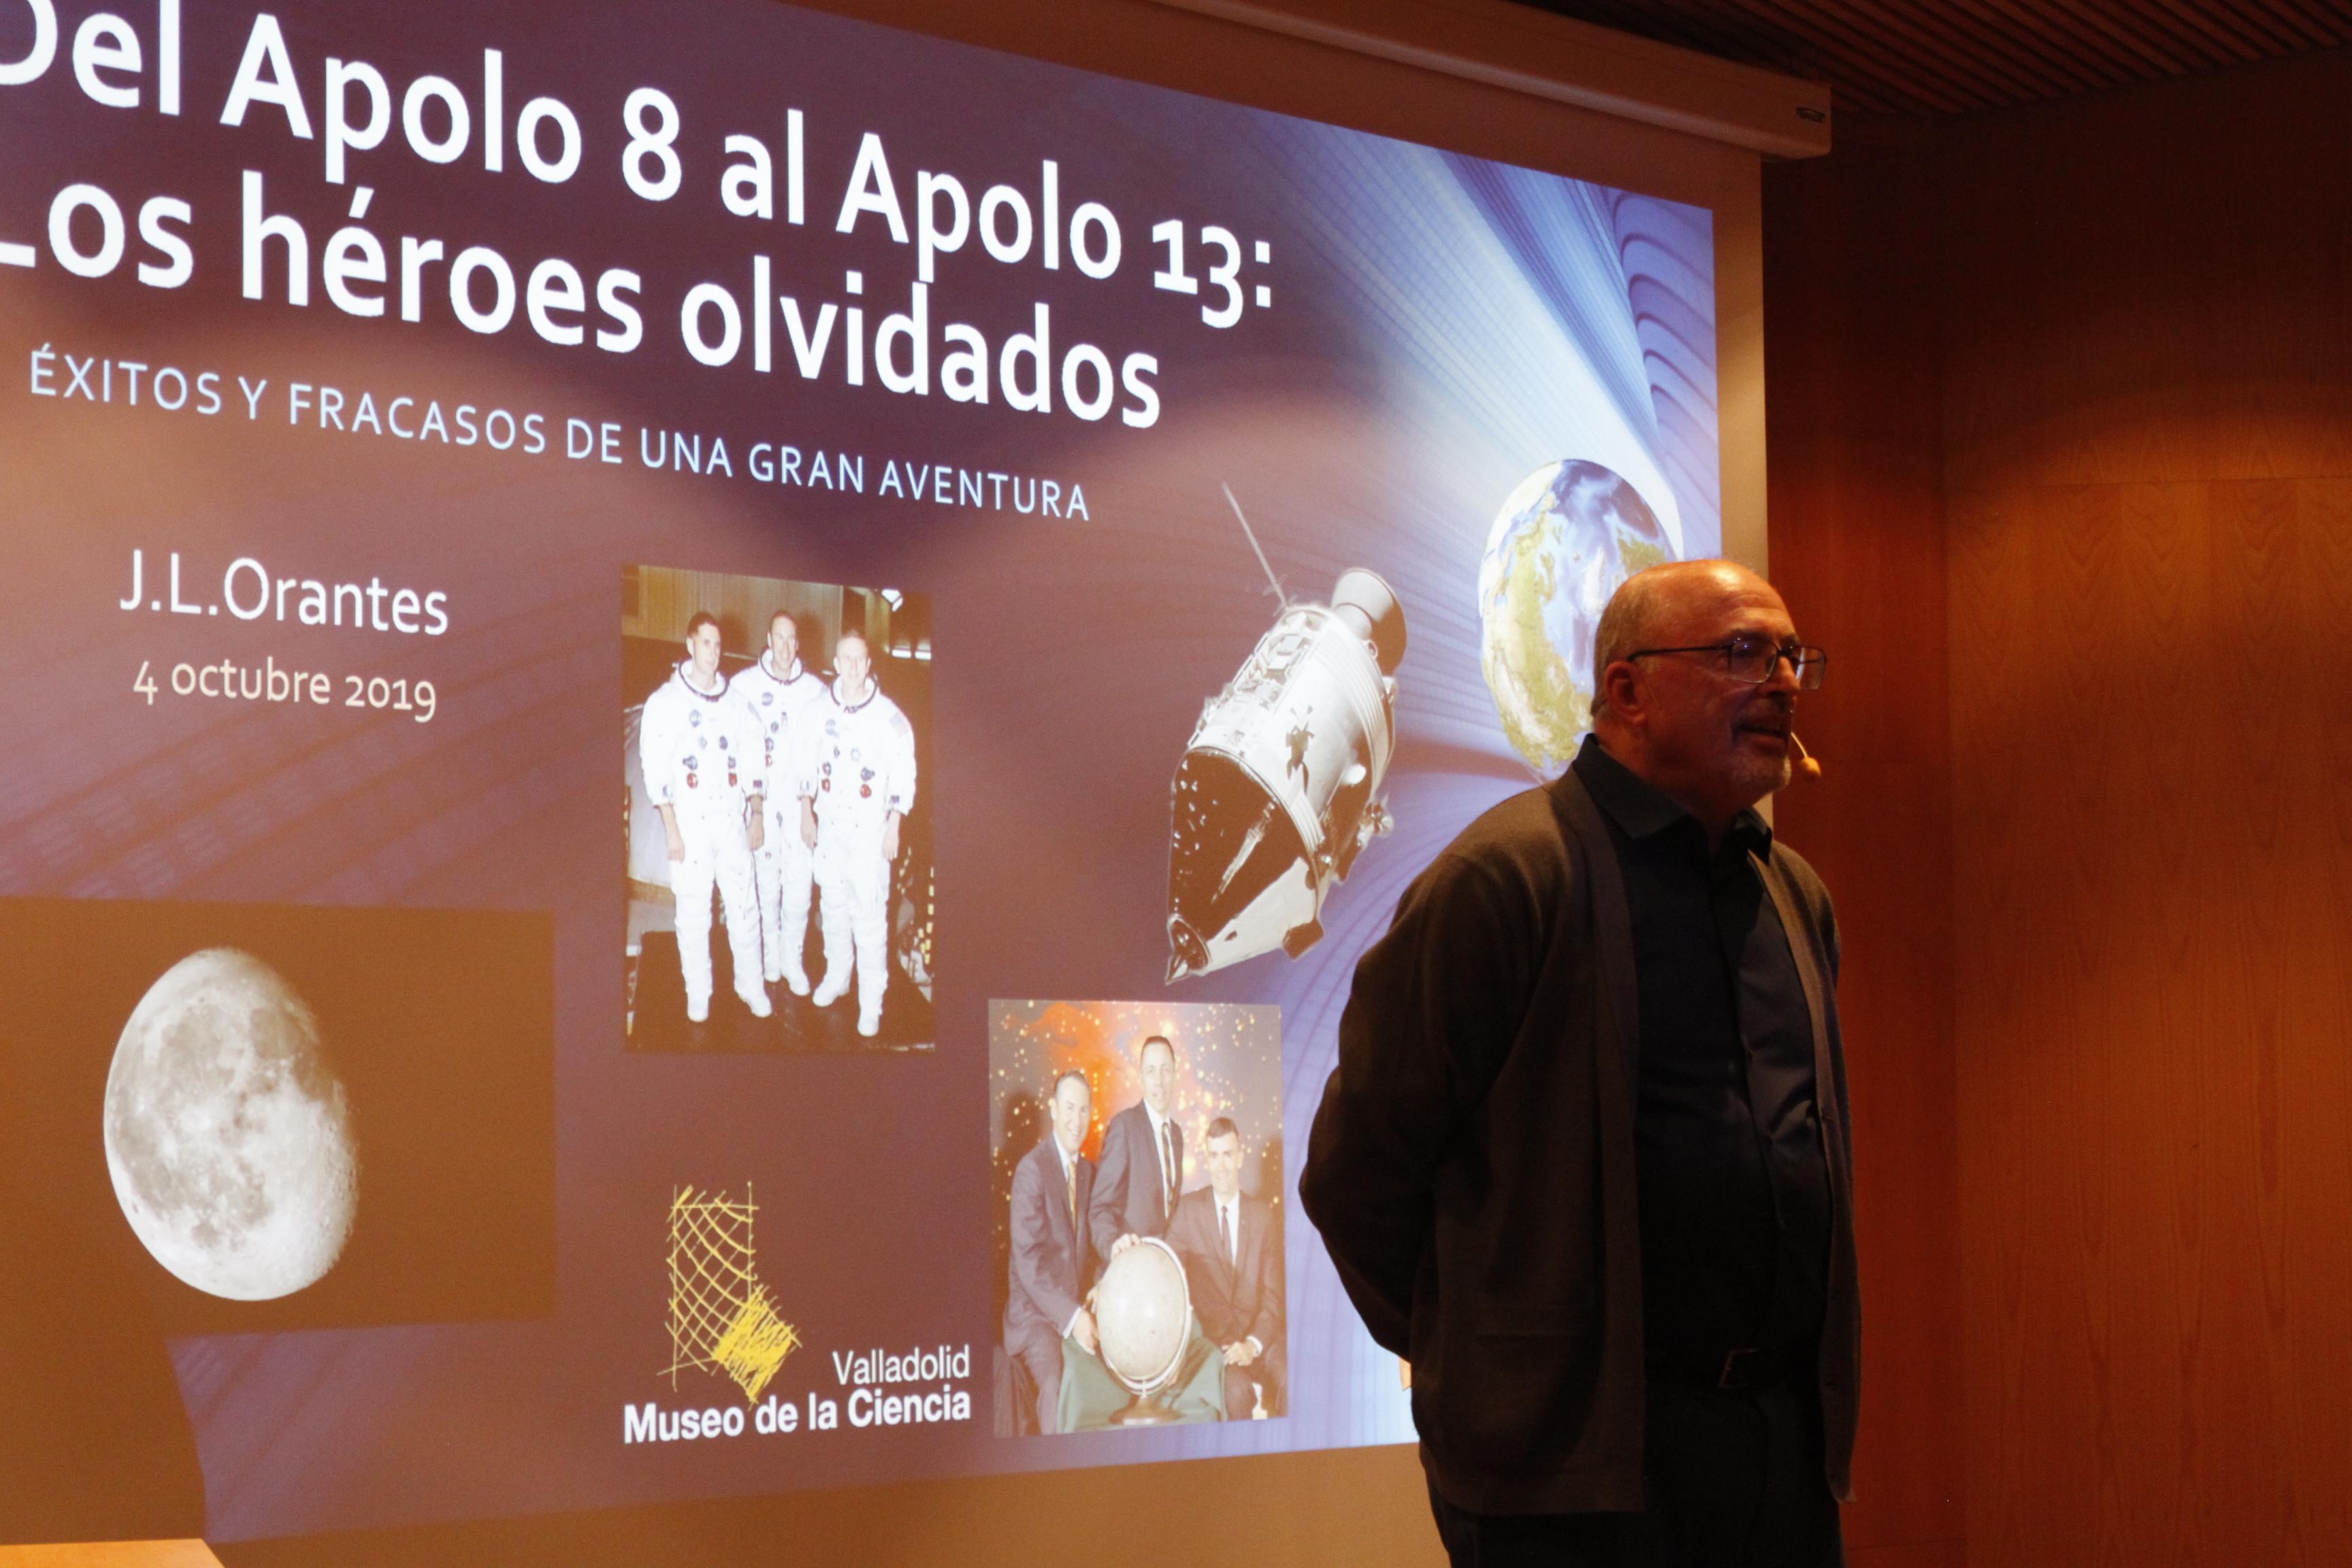 Charla de José Luis Otrantes en el Auditorio del Museo